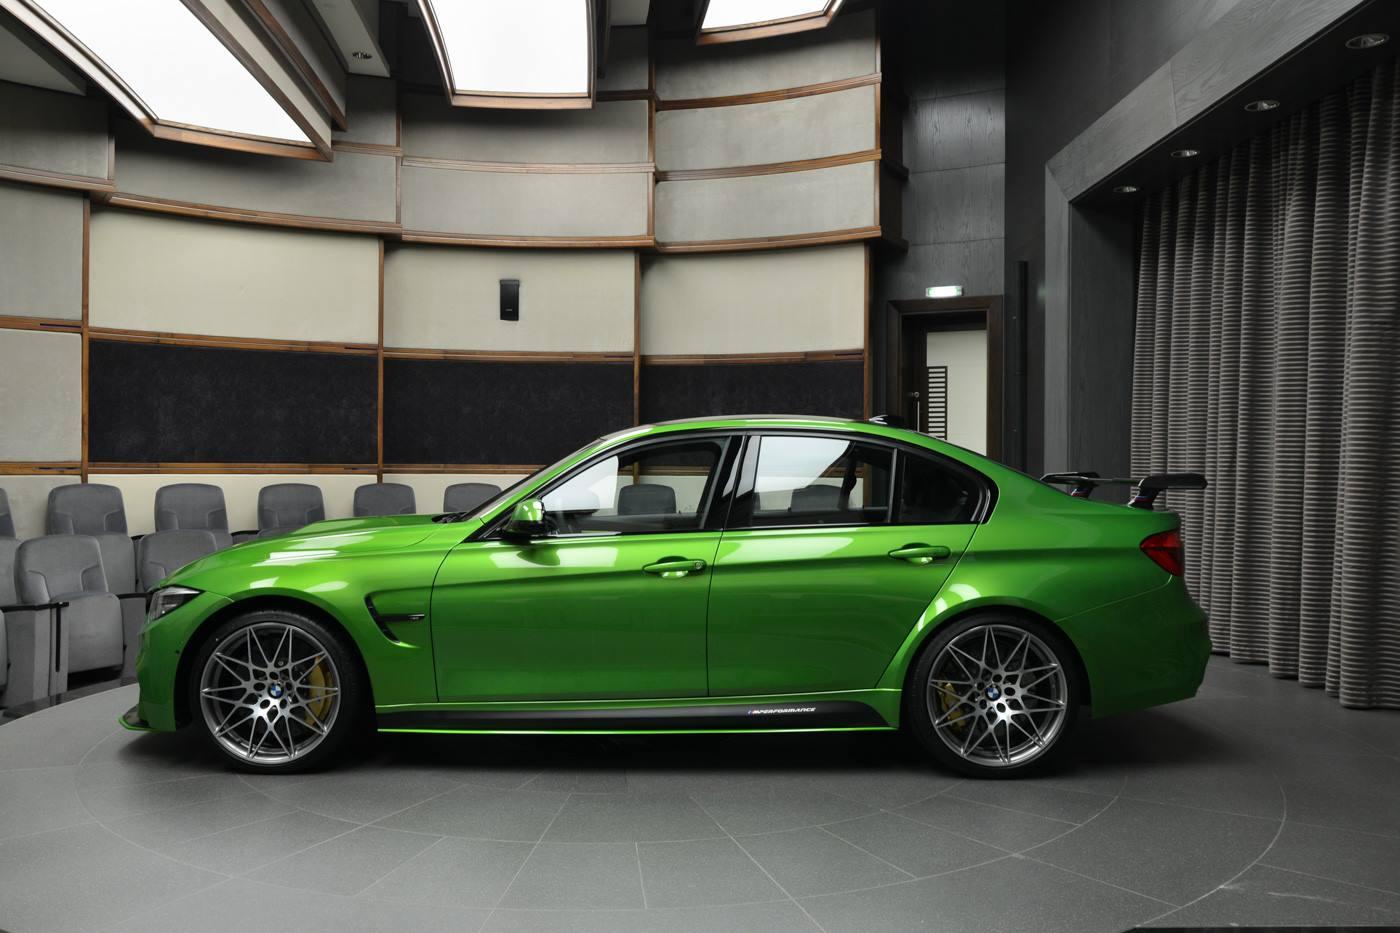 BMW Abu Dhabi Motors: F80 BMW M3 Makes Great Impression in